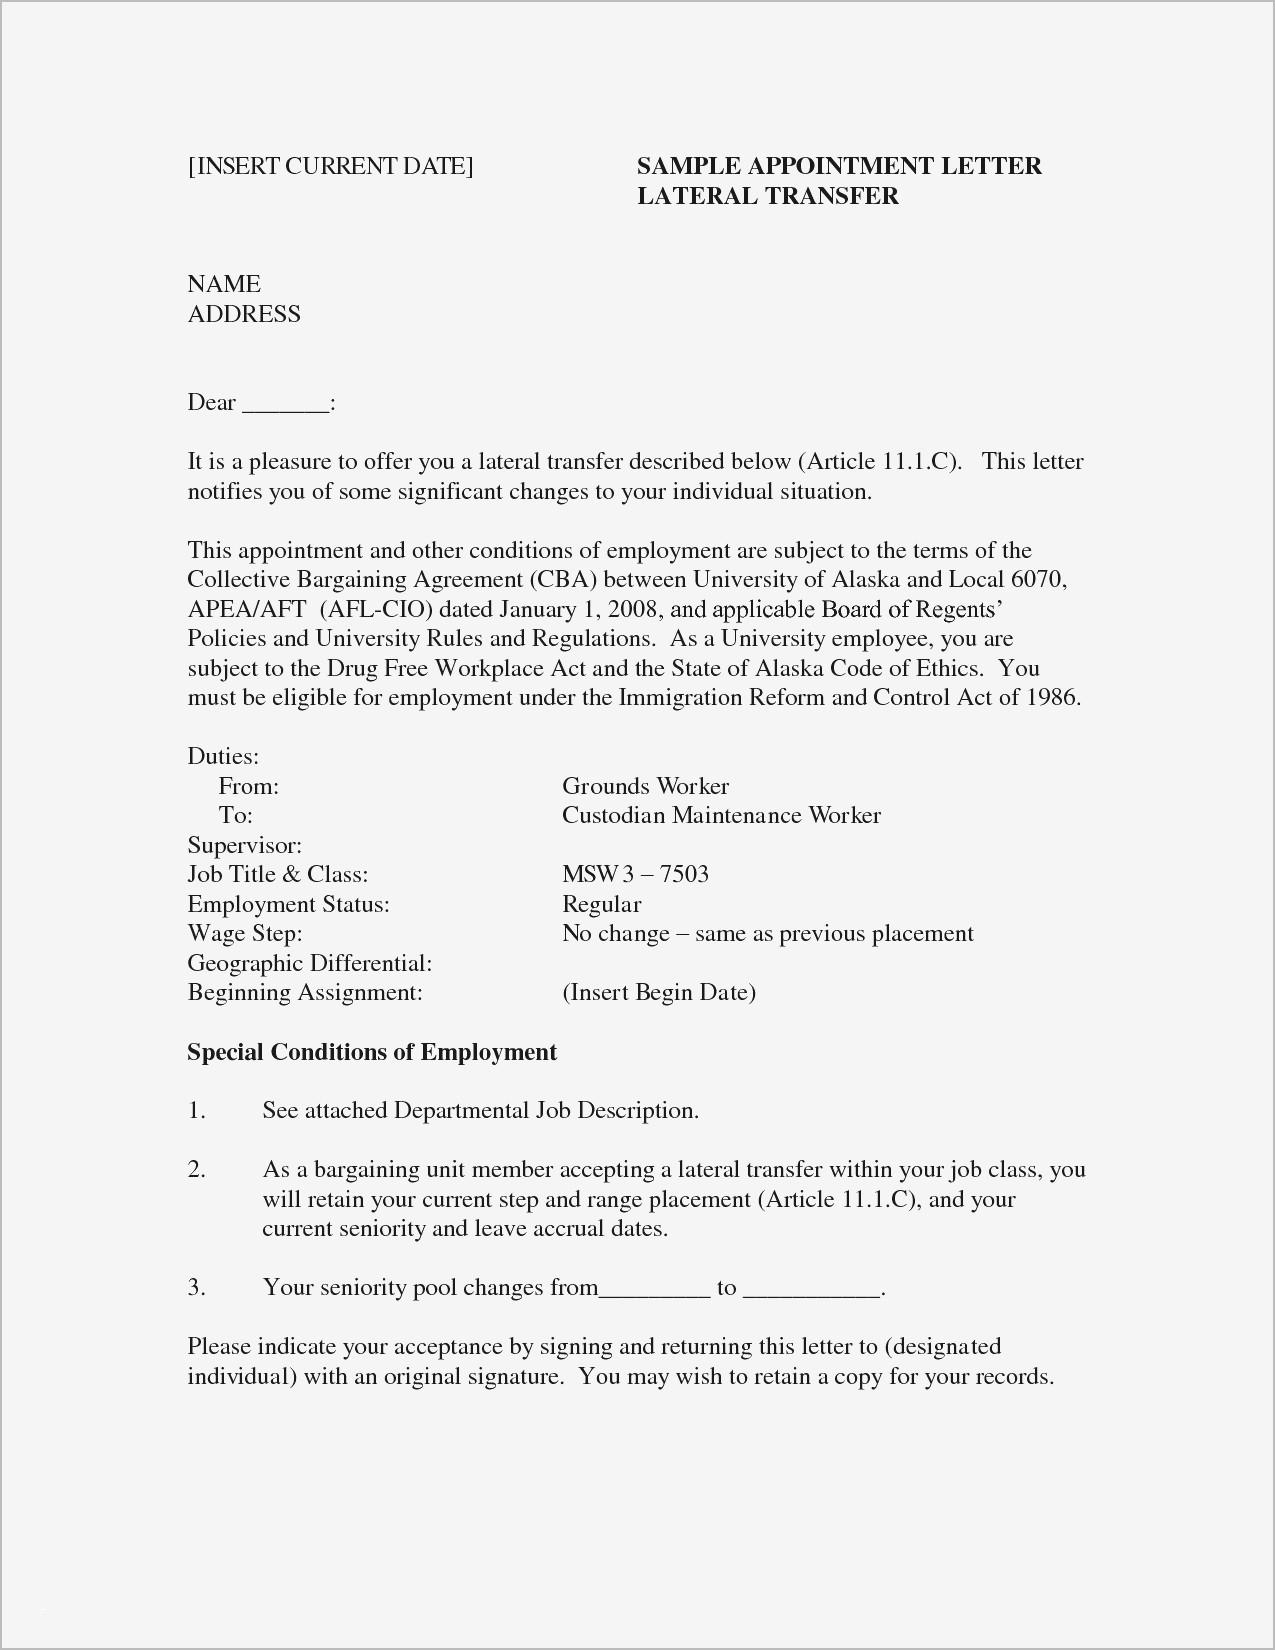 Shareholder Letter Template - Accountant Resume Save Job Resume Examples Best Fresh Resume 0d